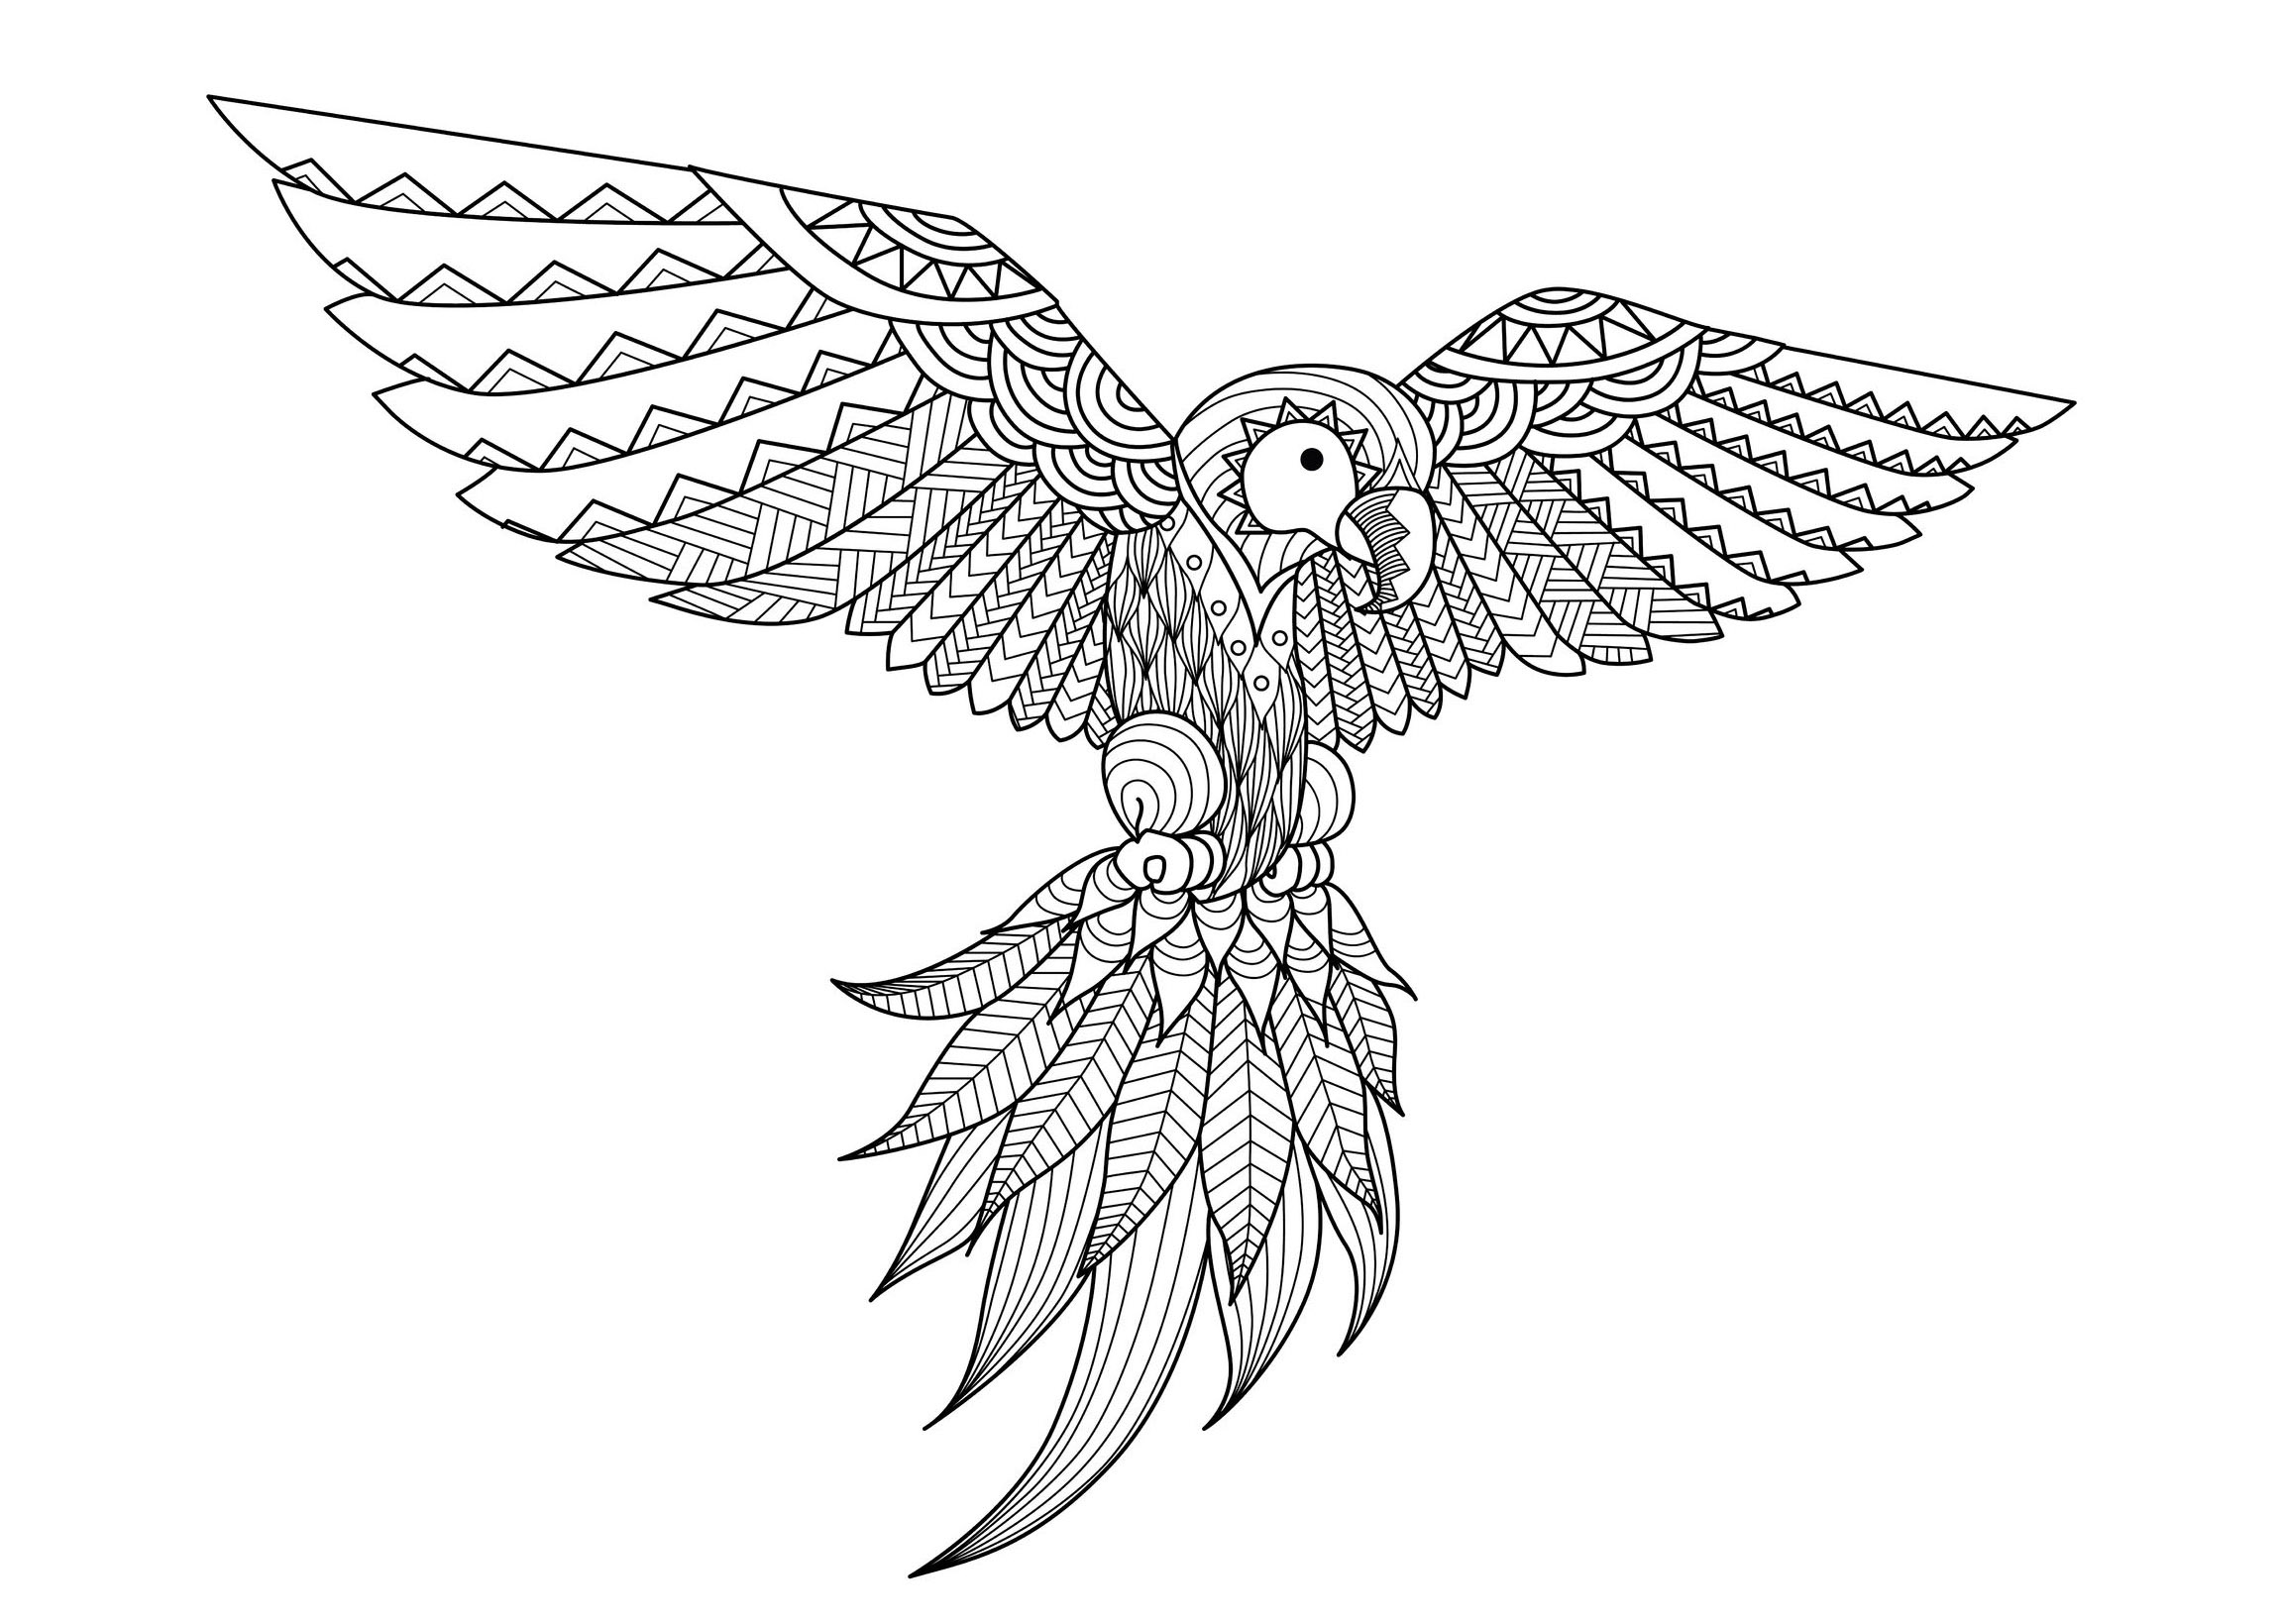 Zentangle perroquet par bimdeedee A partir de la galerie Zentangle